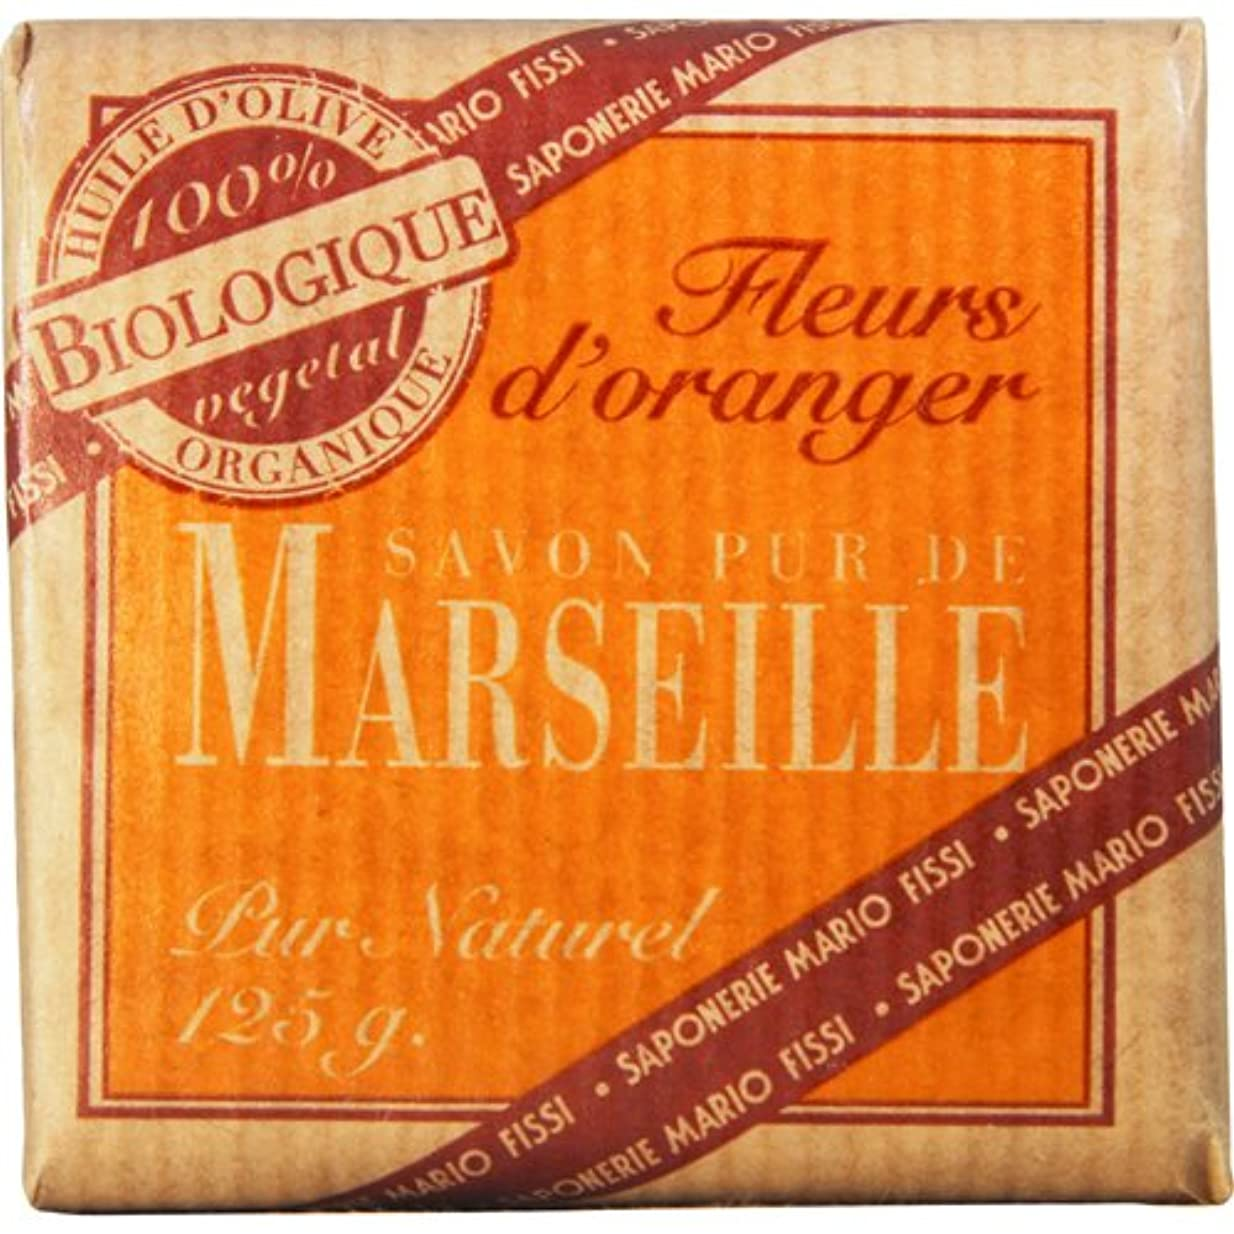 終了するヘクタールほこりっぽいSaponerire Fissi マルセイユシリーズ マルセイユソープ 125g Orange Flower オレンジフラワー